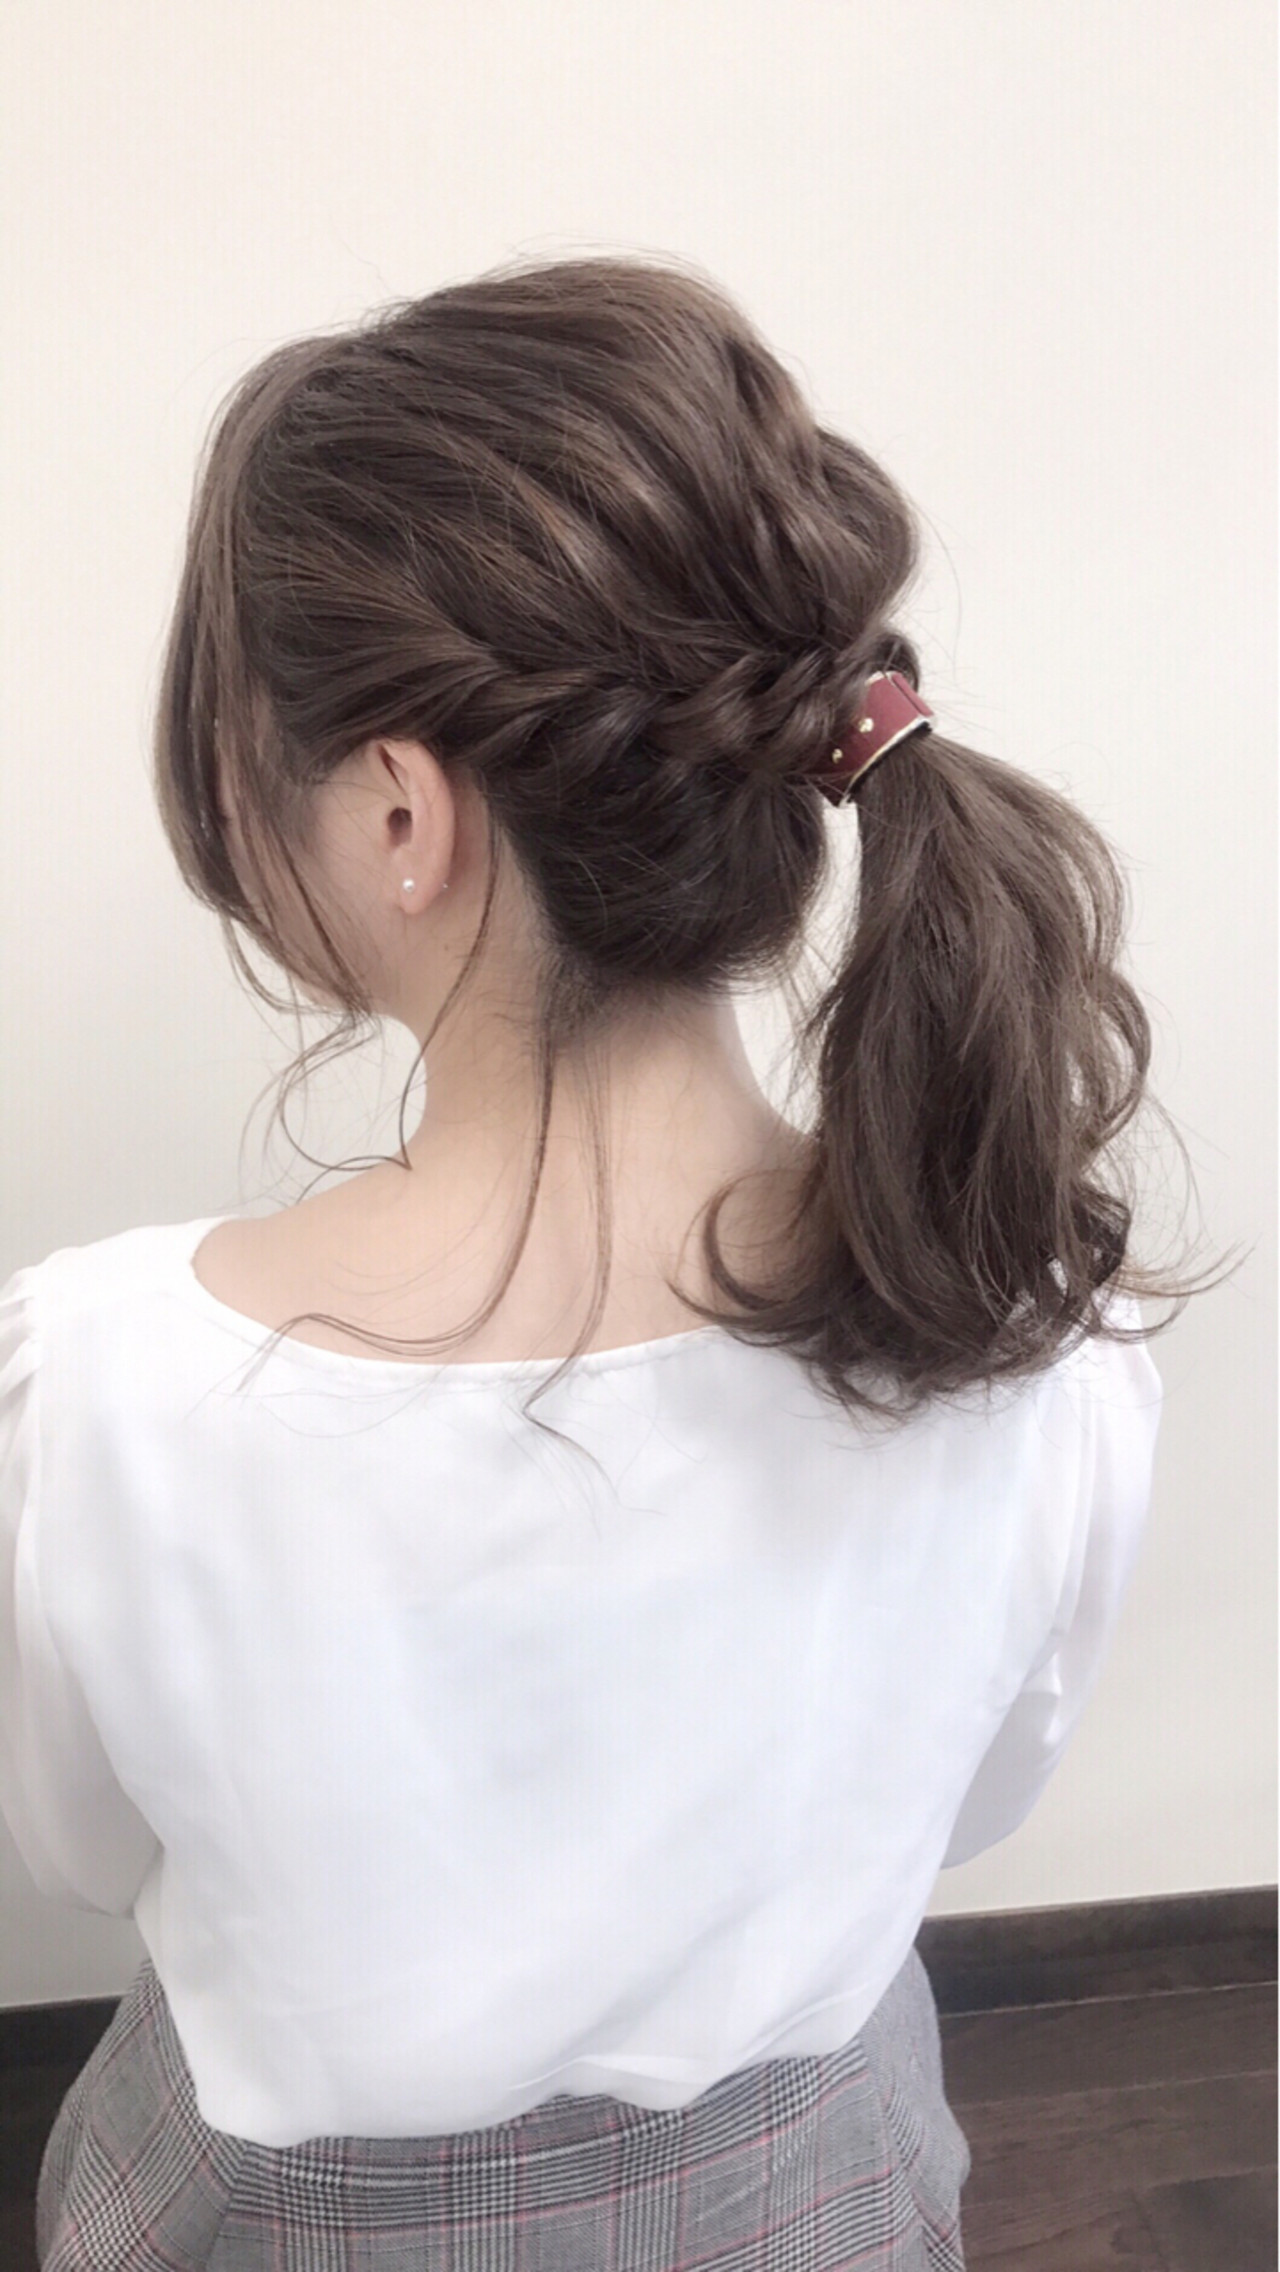 リボンが人気!ポニーを彩るテールクリップ 沢田 瞳